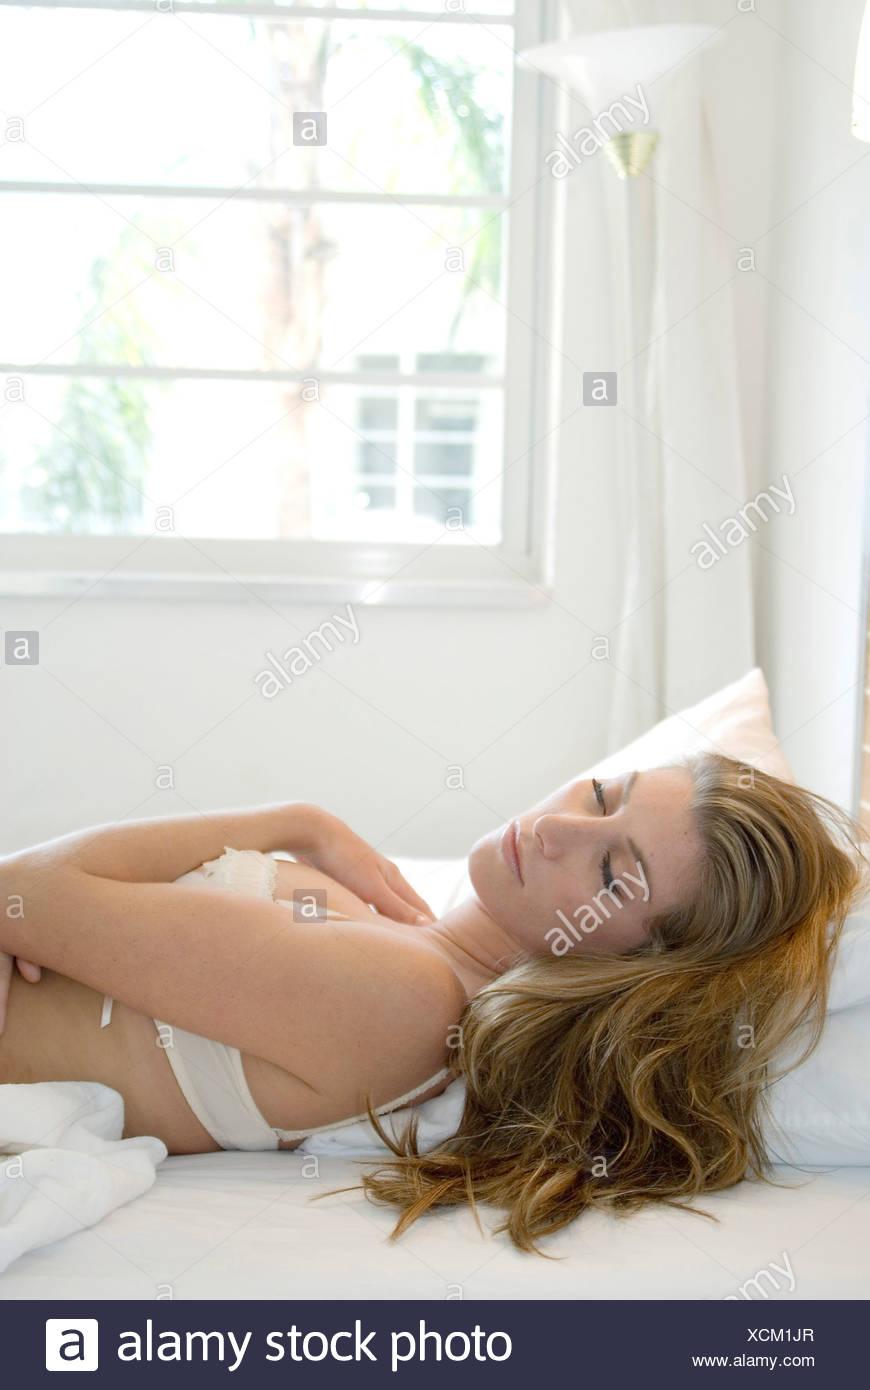 Frauen Mit Langen Blonden Haaren Tragen Weiße Bh Geschlossen Auf